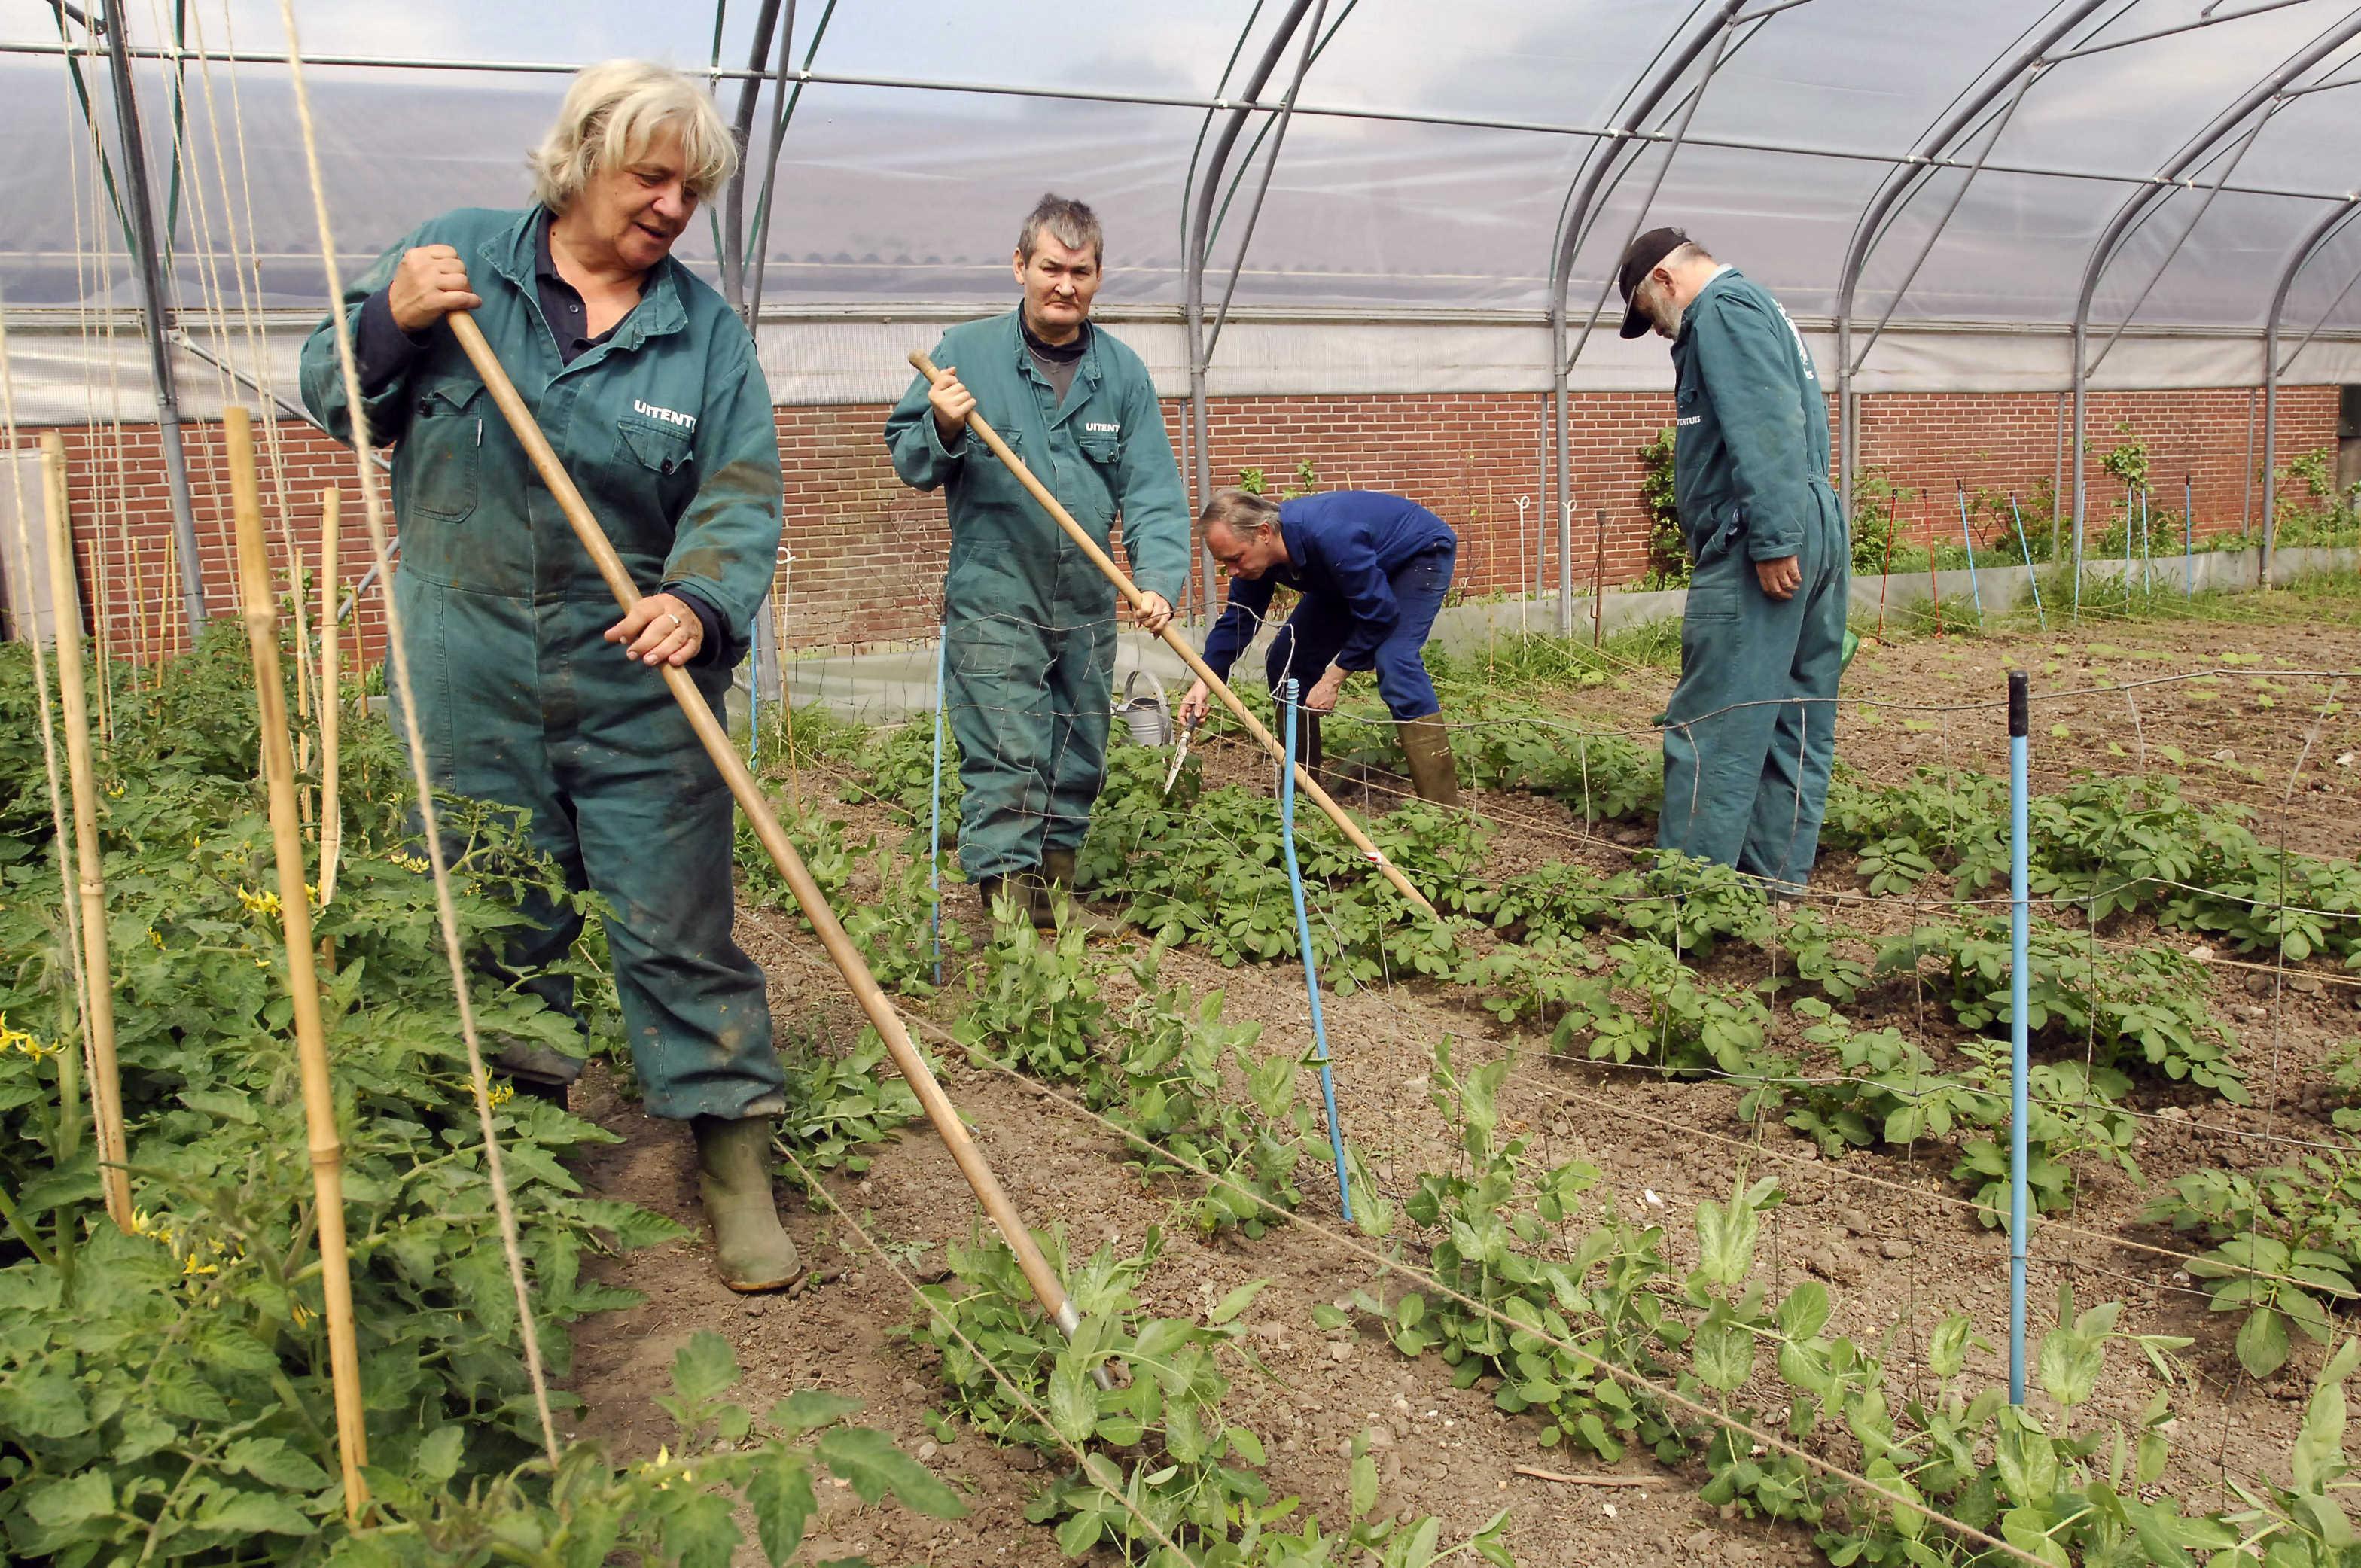 Zorgboerderijen ook open bij een strengere lockdown. 'Geestelijke schade bij vereenzaamde mensen was heel triest'